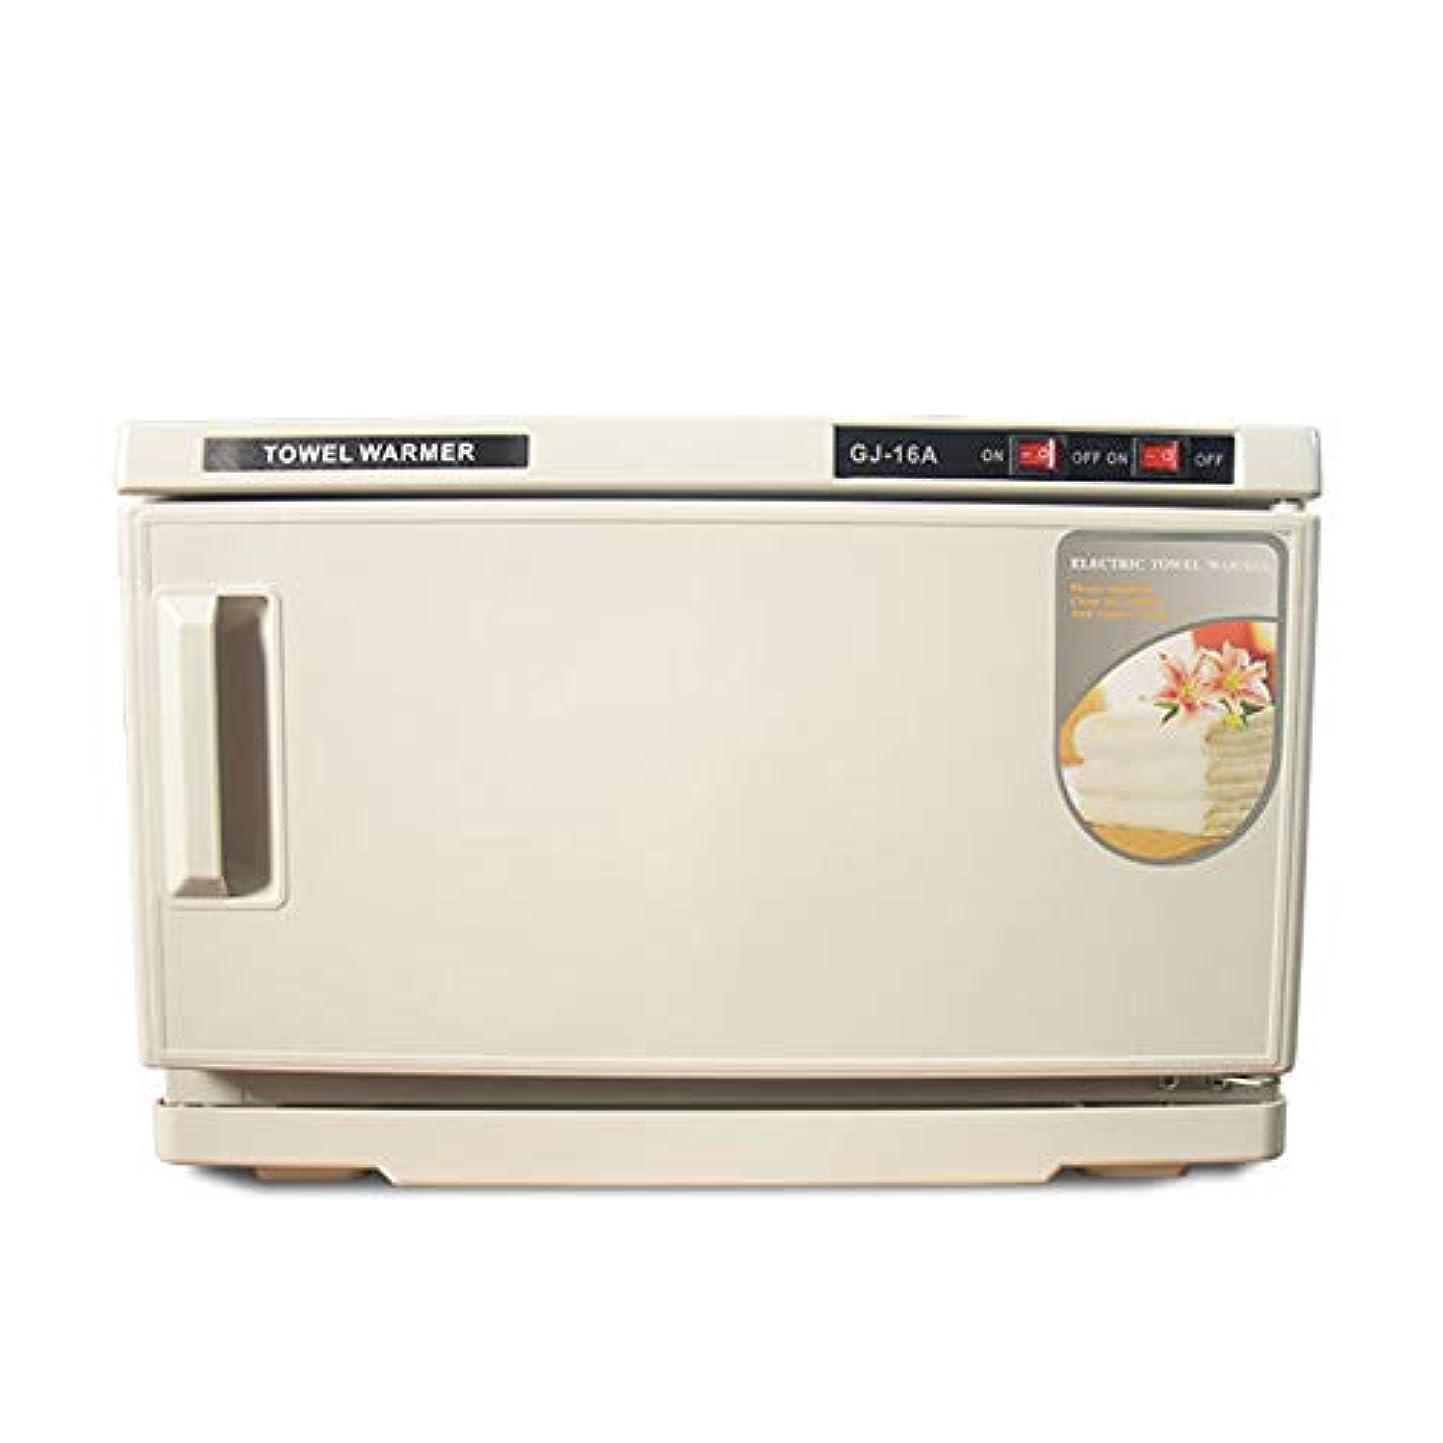 ひいきにする珍しいモニター電気タオル滅菌器ウォーマーキャビネットUV消毒キャビネットウェットタオルヒーター、取り外し可能なトレイステンレススチールインナー、家庭用コマーシャル用